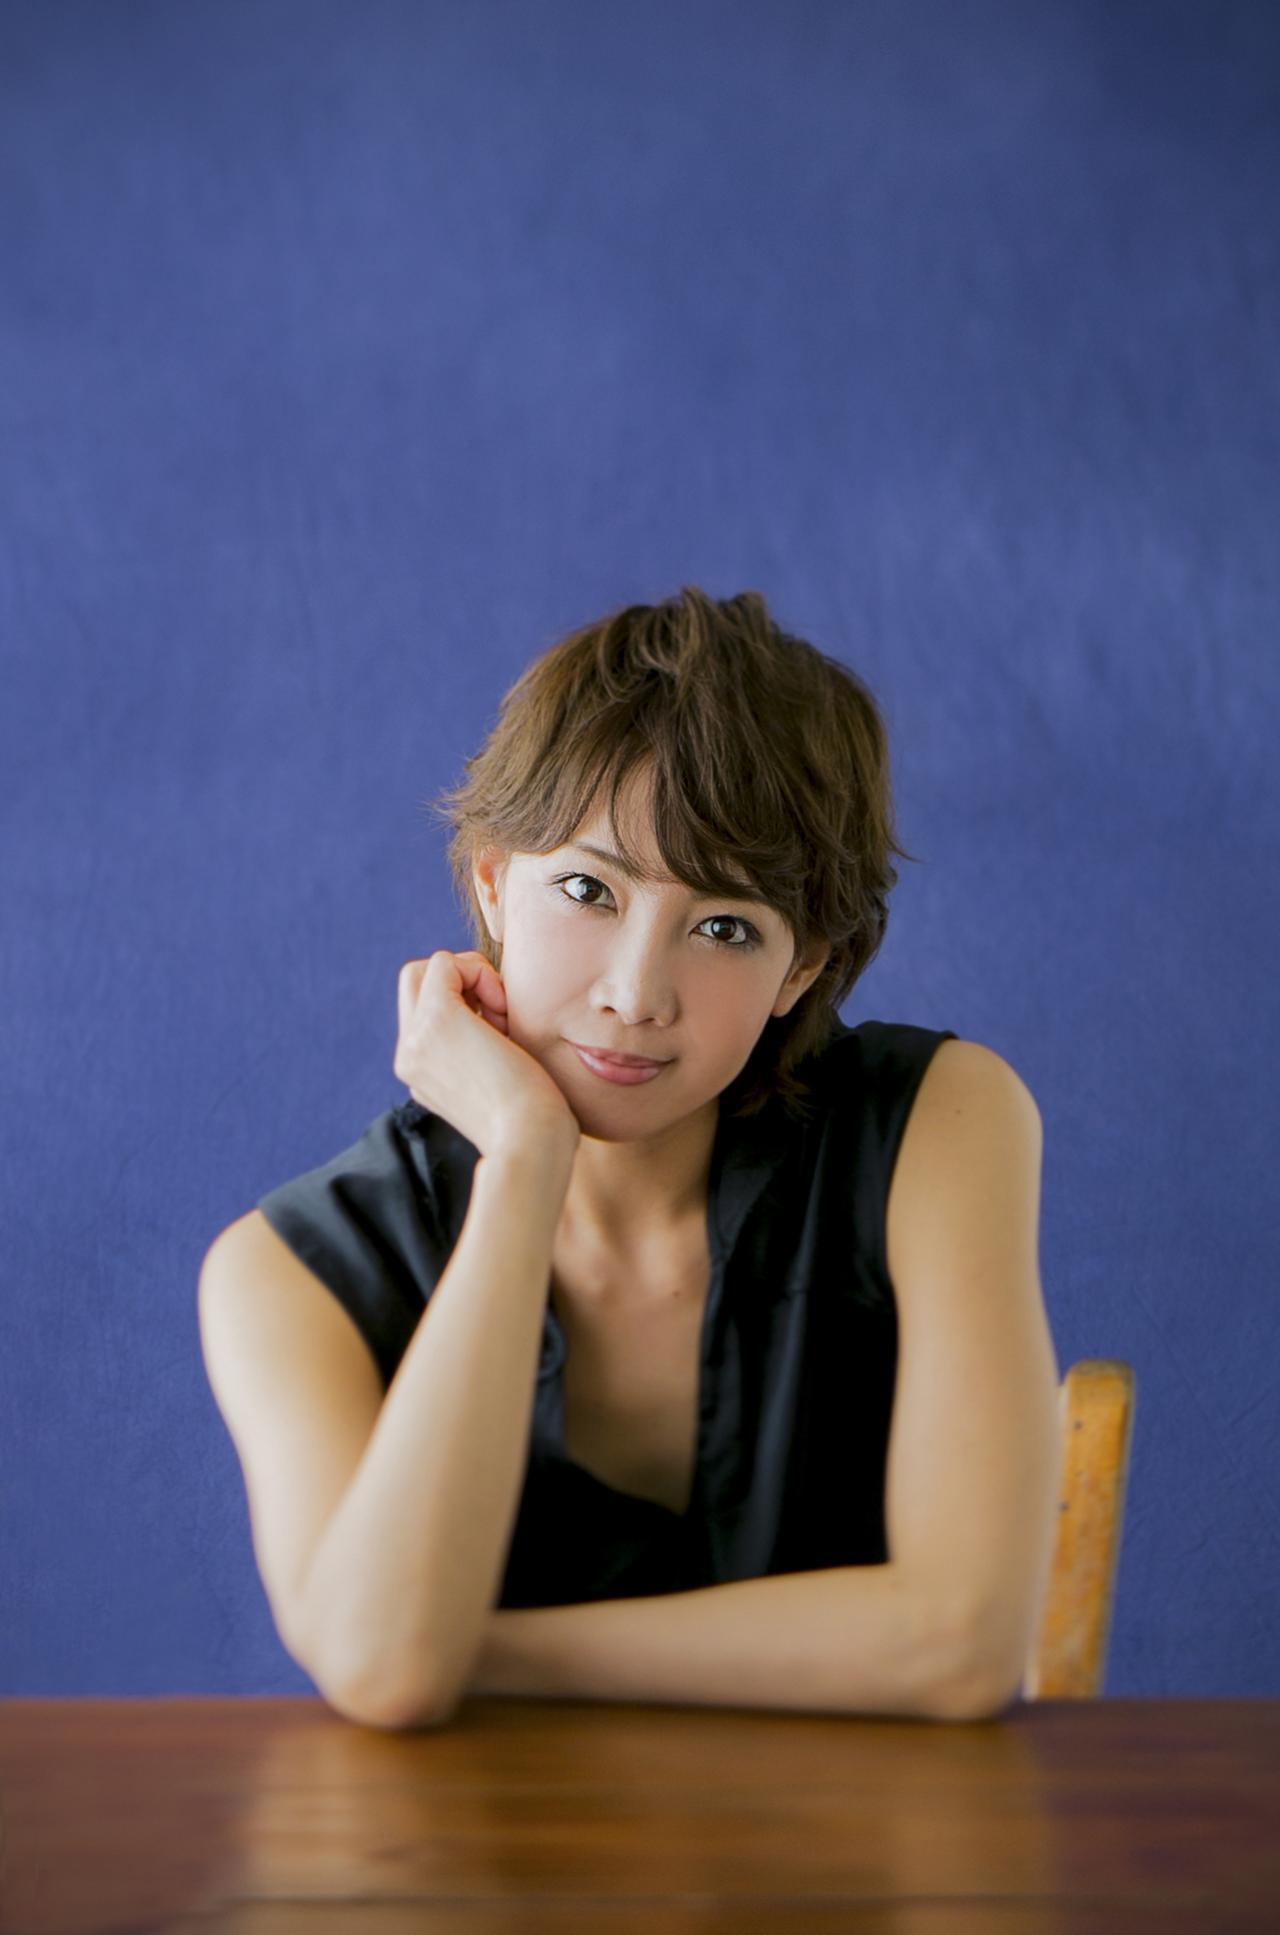 画像3: トニー賞開催間近!ミュージカルコミュニティ「WOWOW ミュージカルラウンジ」9月26日スタート